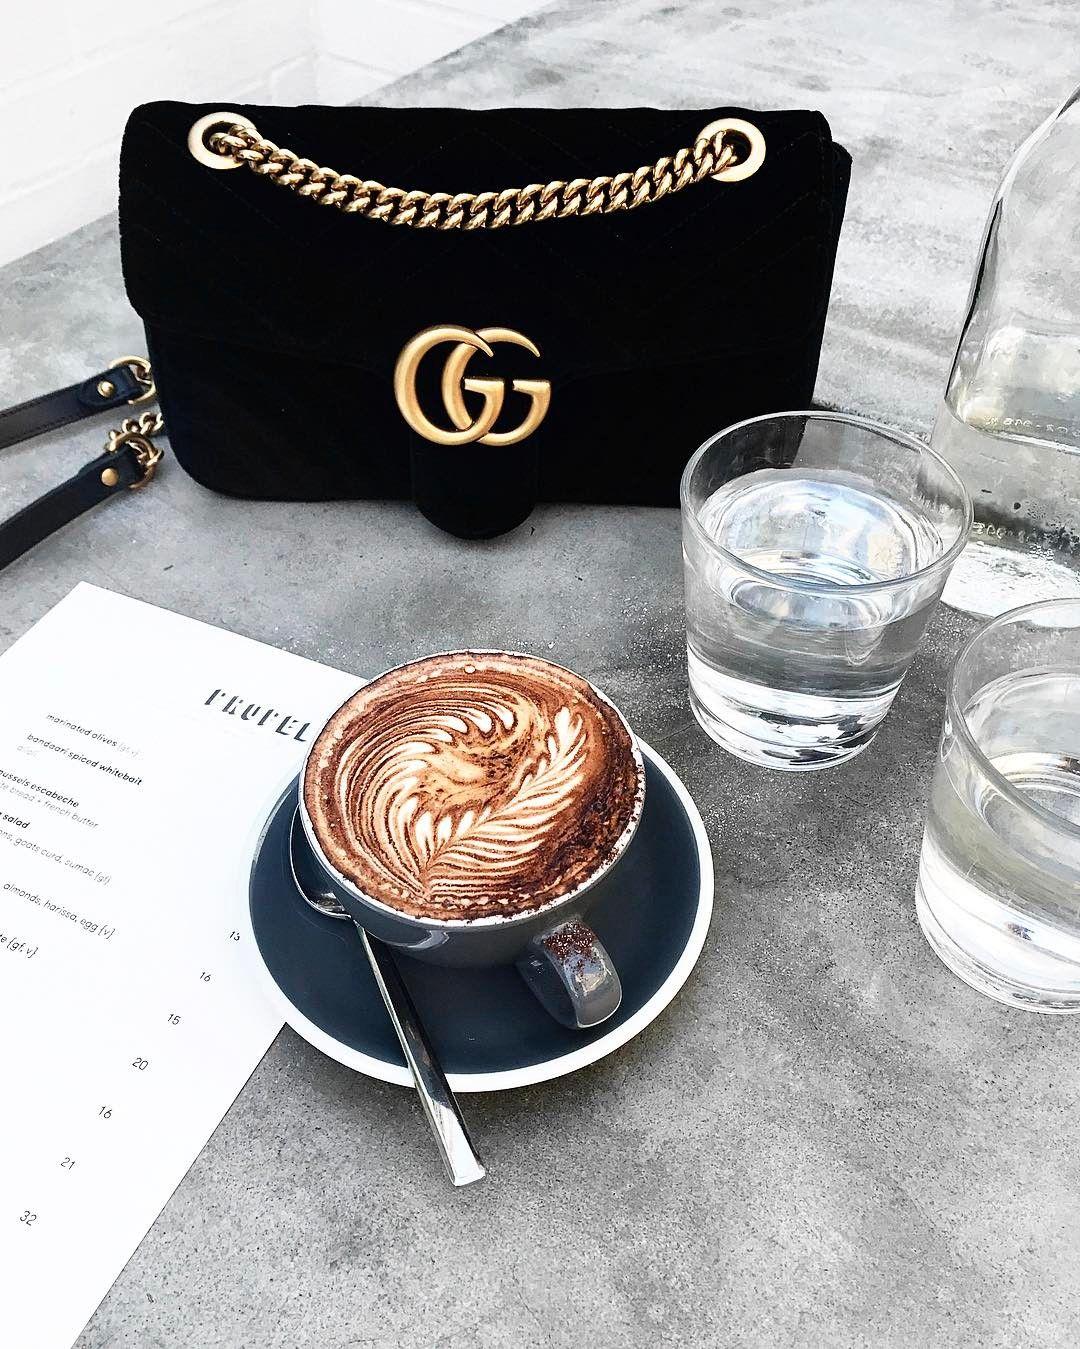 Morning coffee at my fav spot! ☕️    #Regram via @victoriatornegren